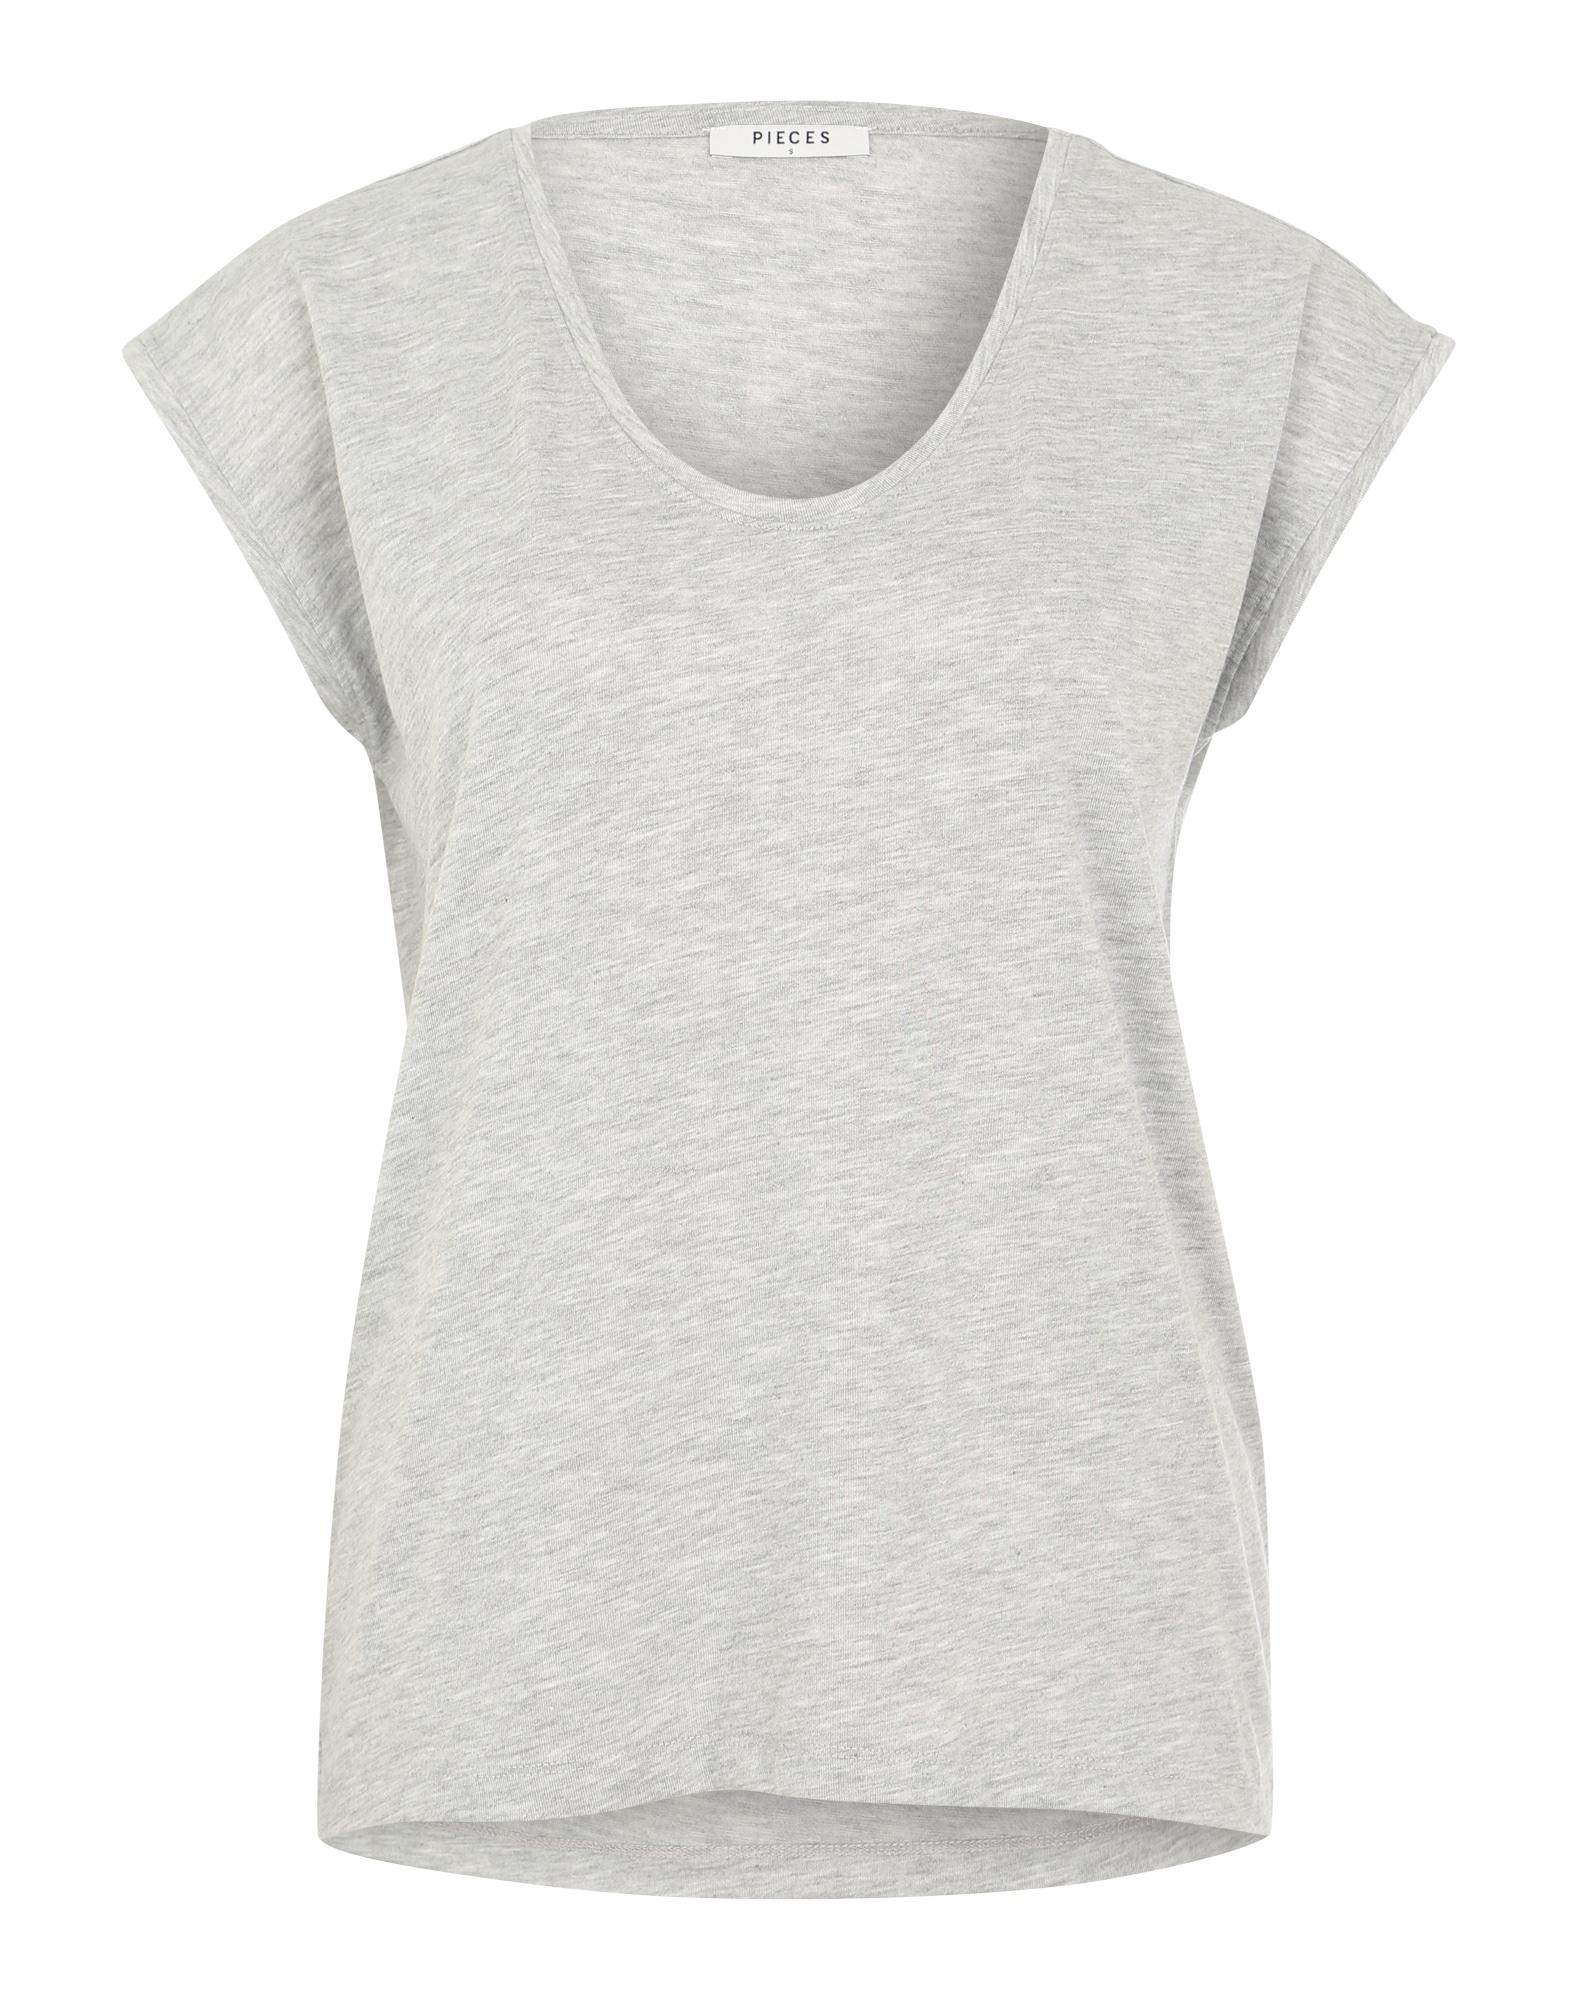 Tričko Billo šedý melír PIECES